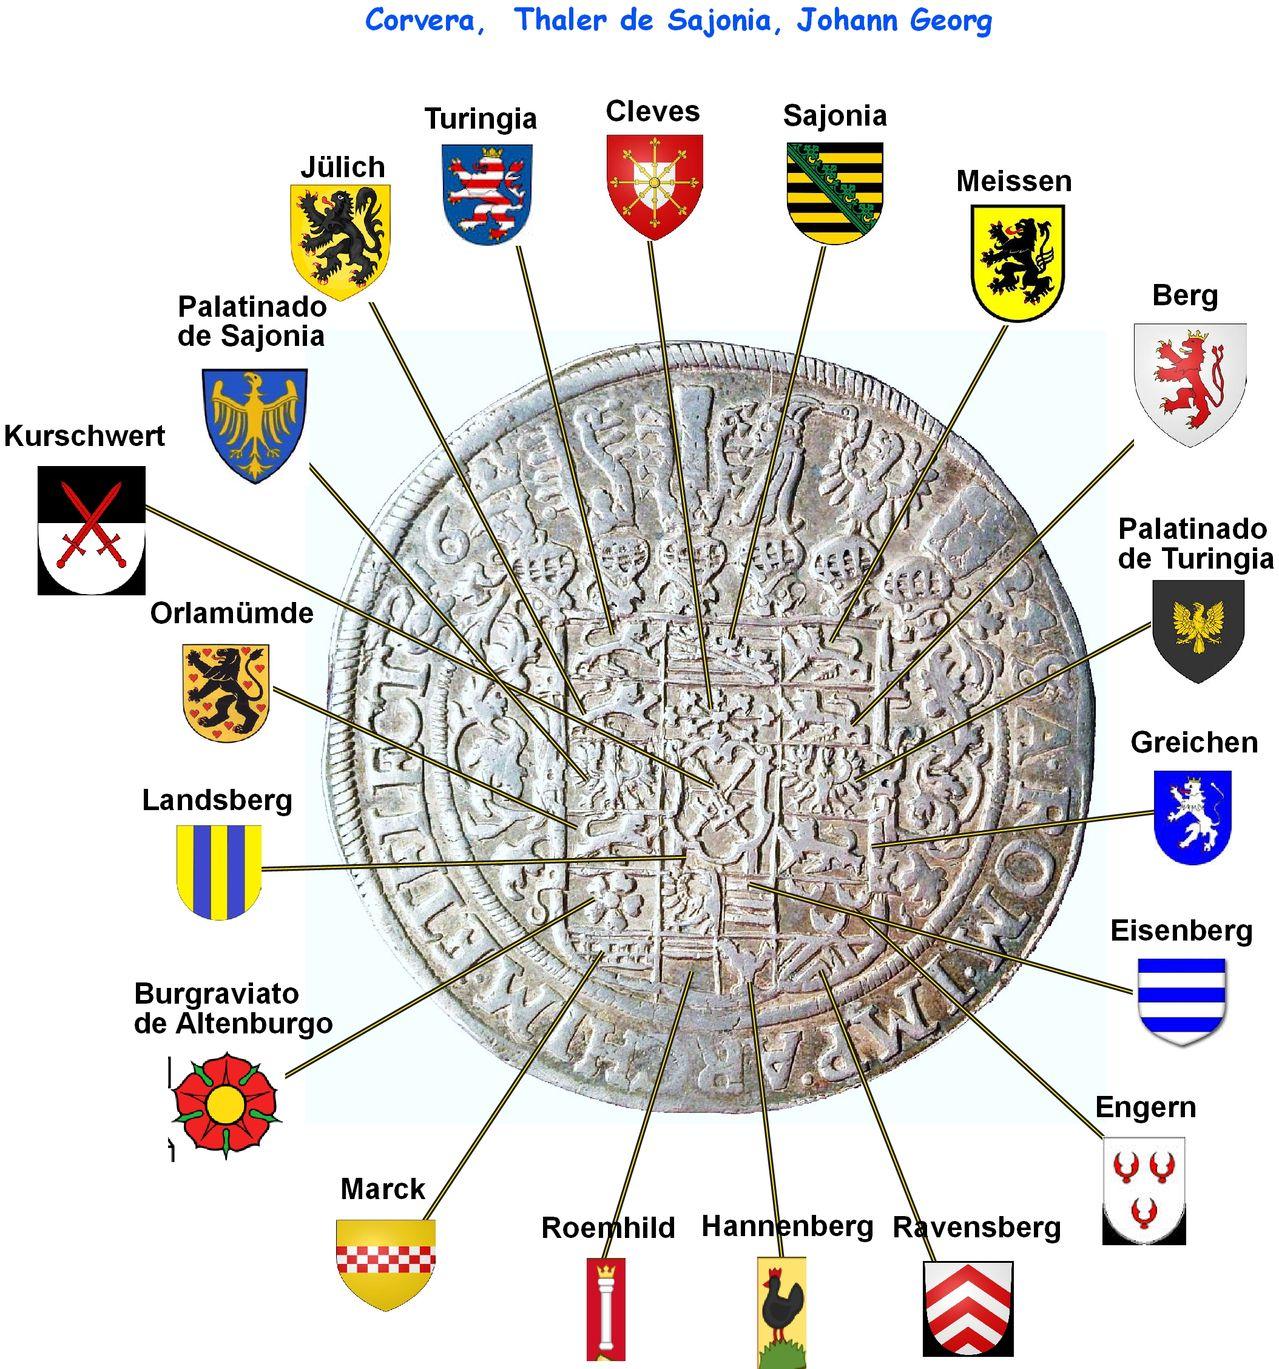 1 Thaler de Sajonia de 1624, Johann Georg I Corvera3_escudos